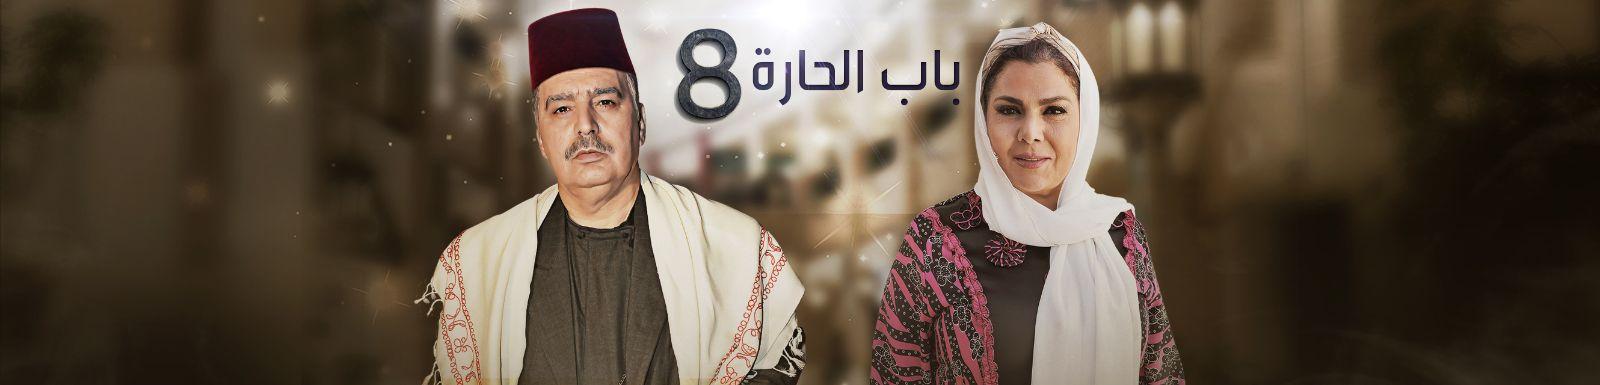 تحميل مسلسل باب الحارة ج8 الحلقة 31 شاهد نت 2016